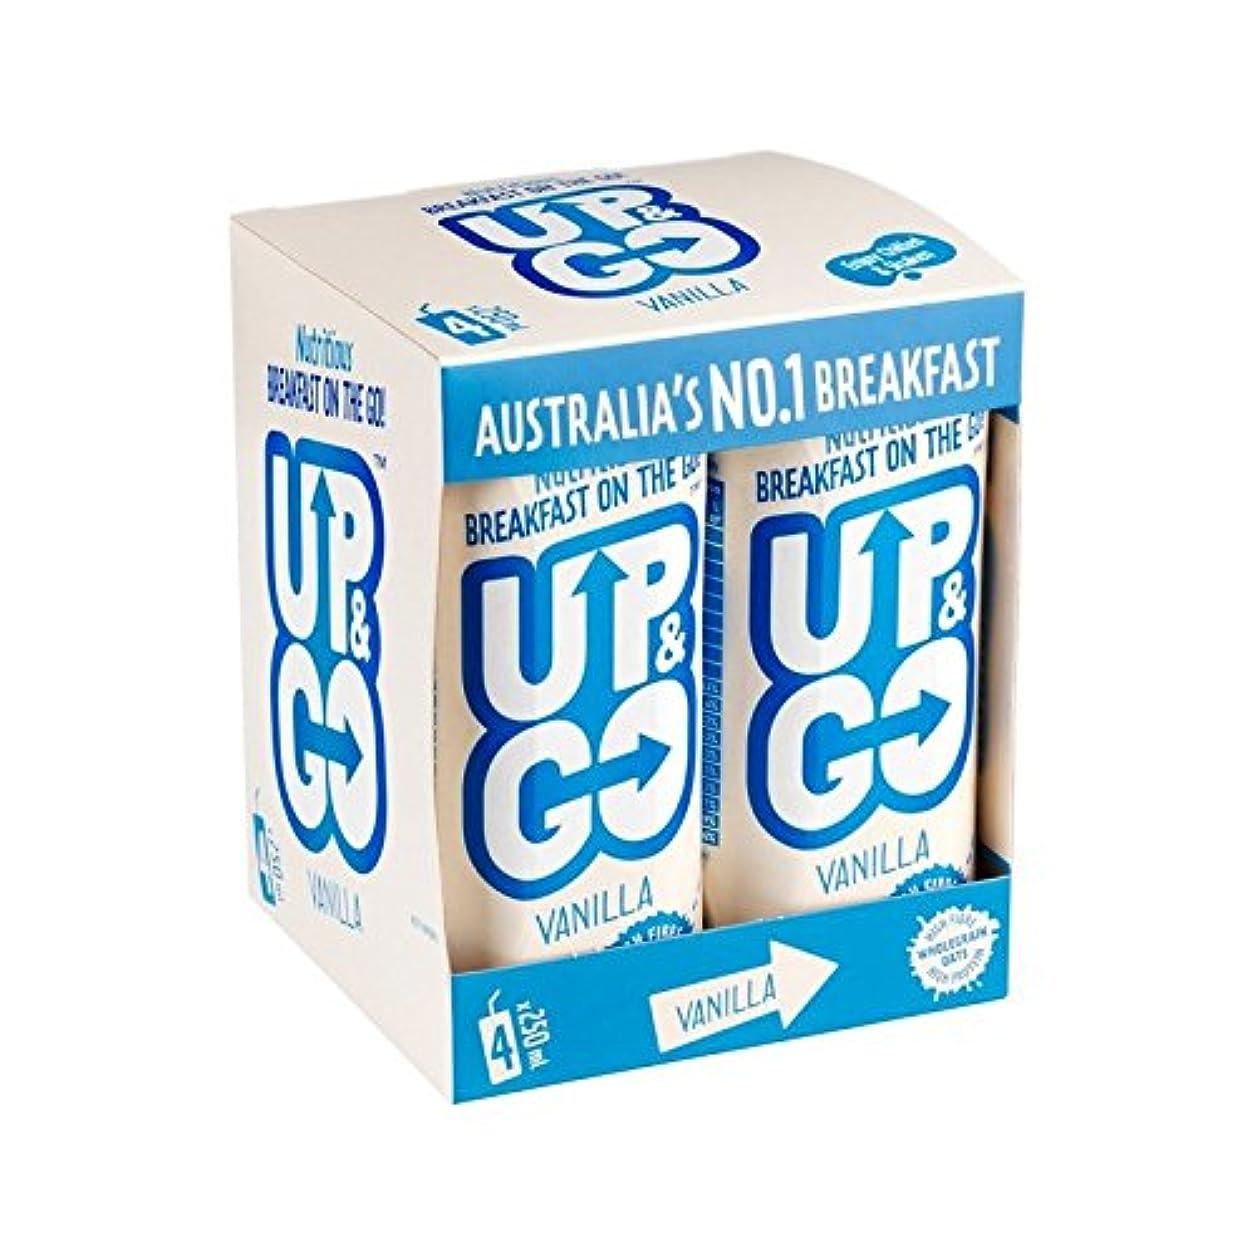 荒廃する役立つカウントアップオート麦4×250ミリリットルとバニラ朝食ドリンク (Up&Go) (x 6) - Up&Go Vanilla Breakfast Drink with Oats 4 x 250ml (Pack of 6) [並行輸入品]